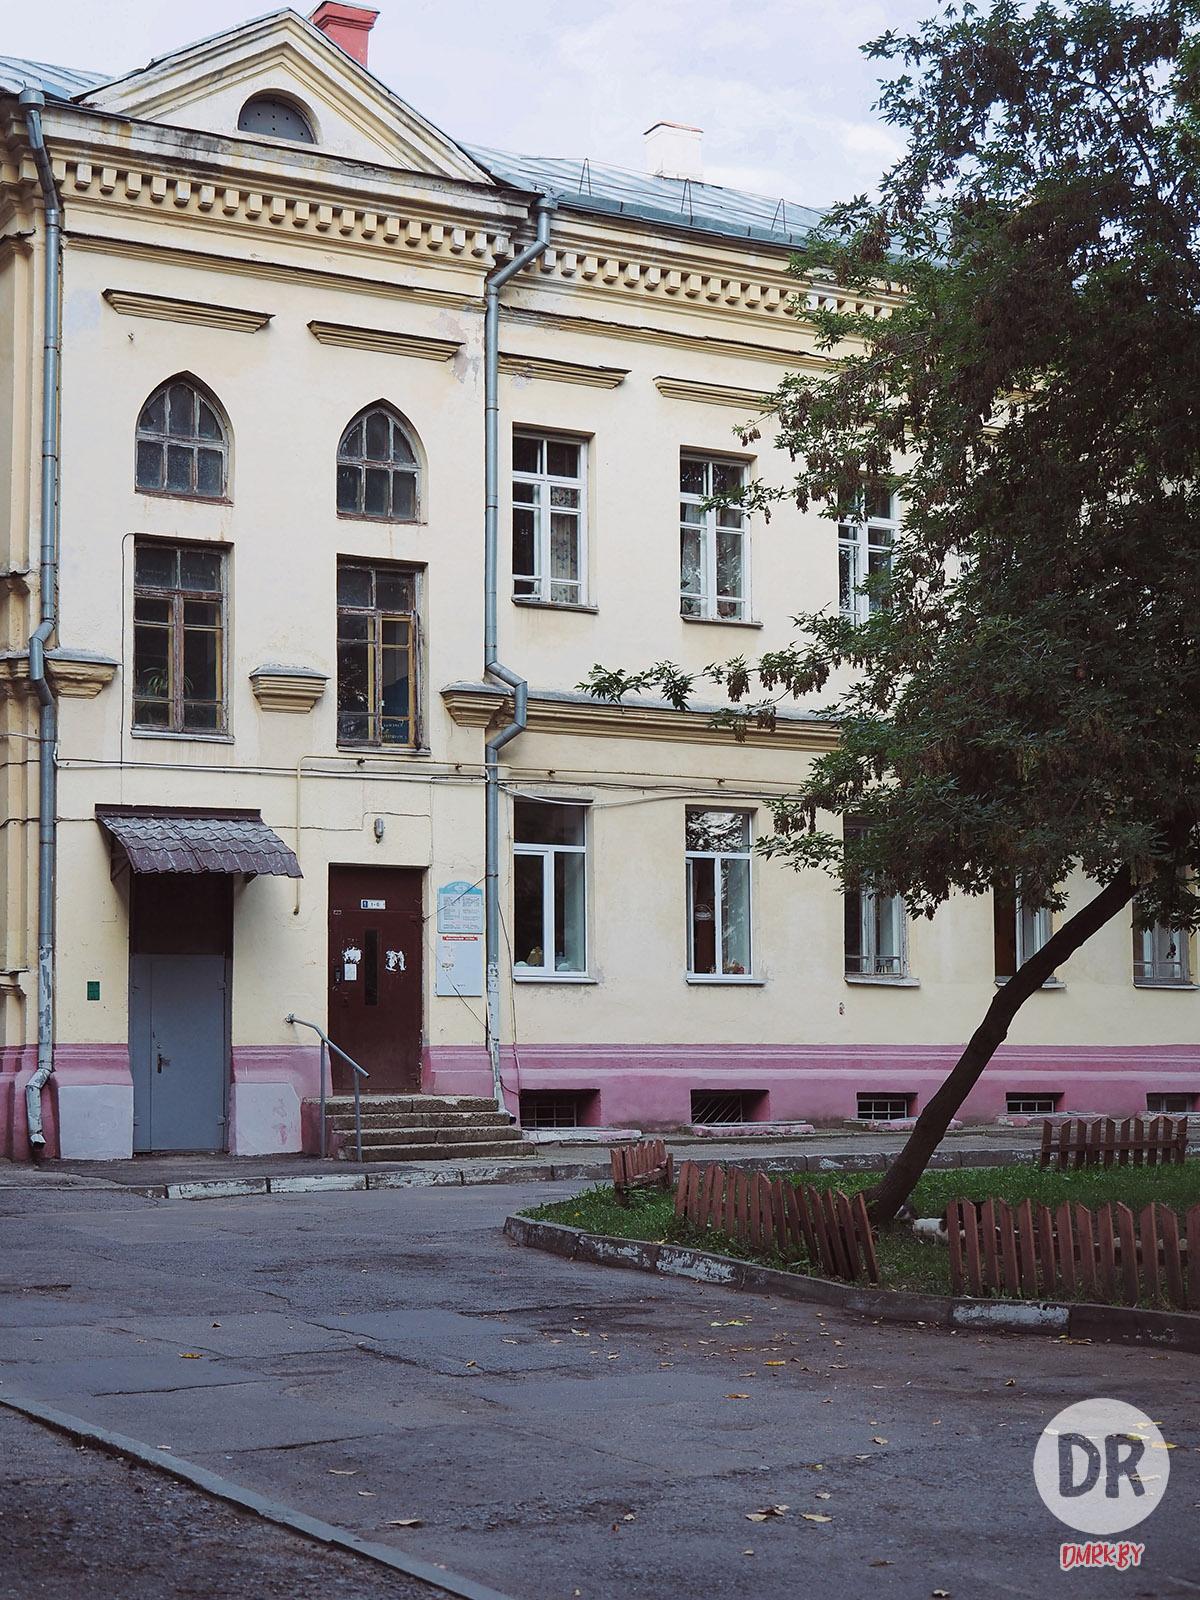 Минск на dmrk.by